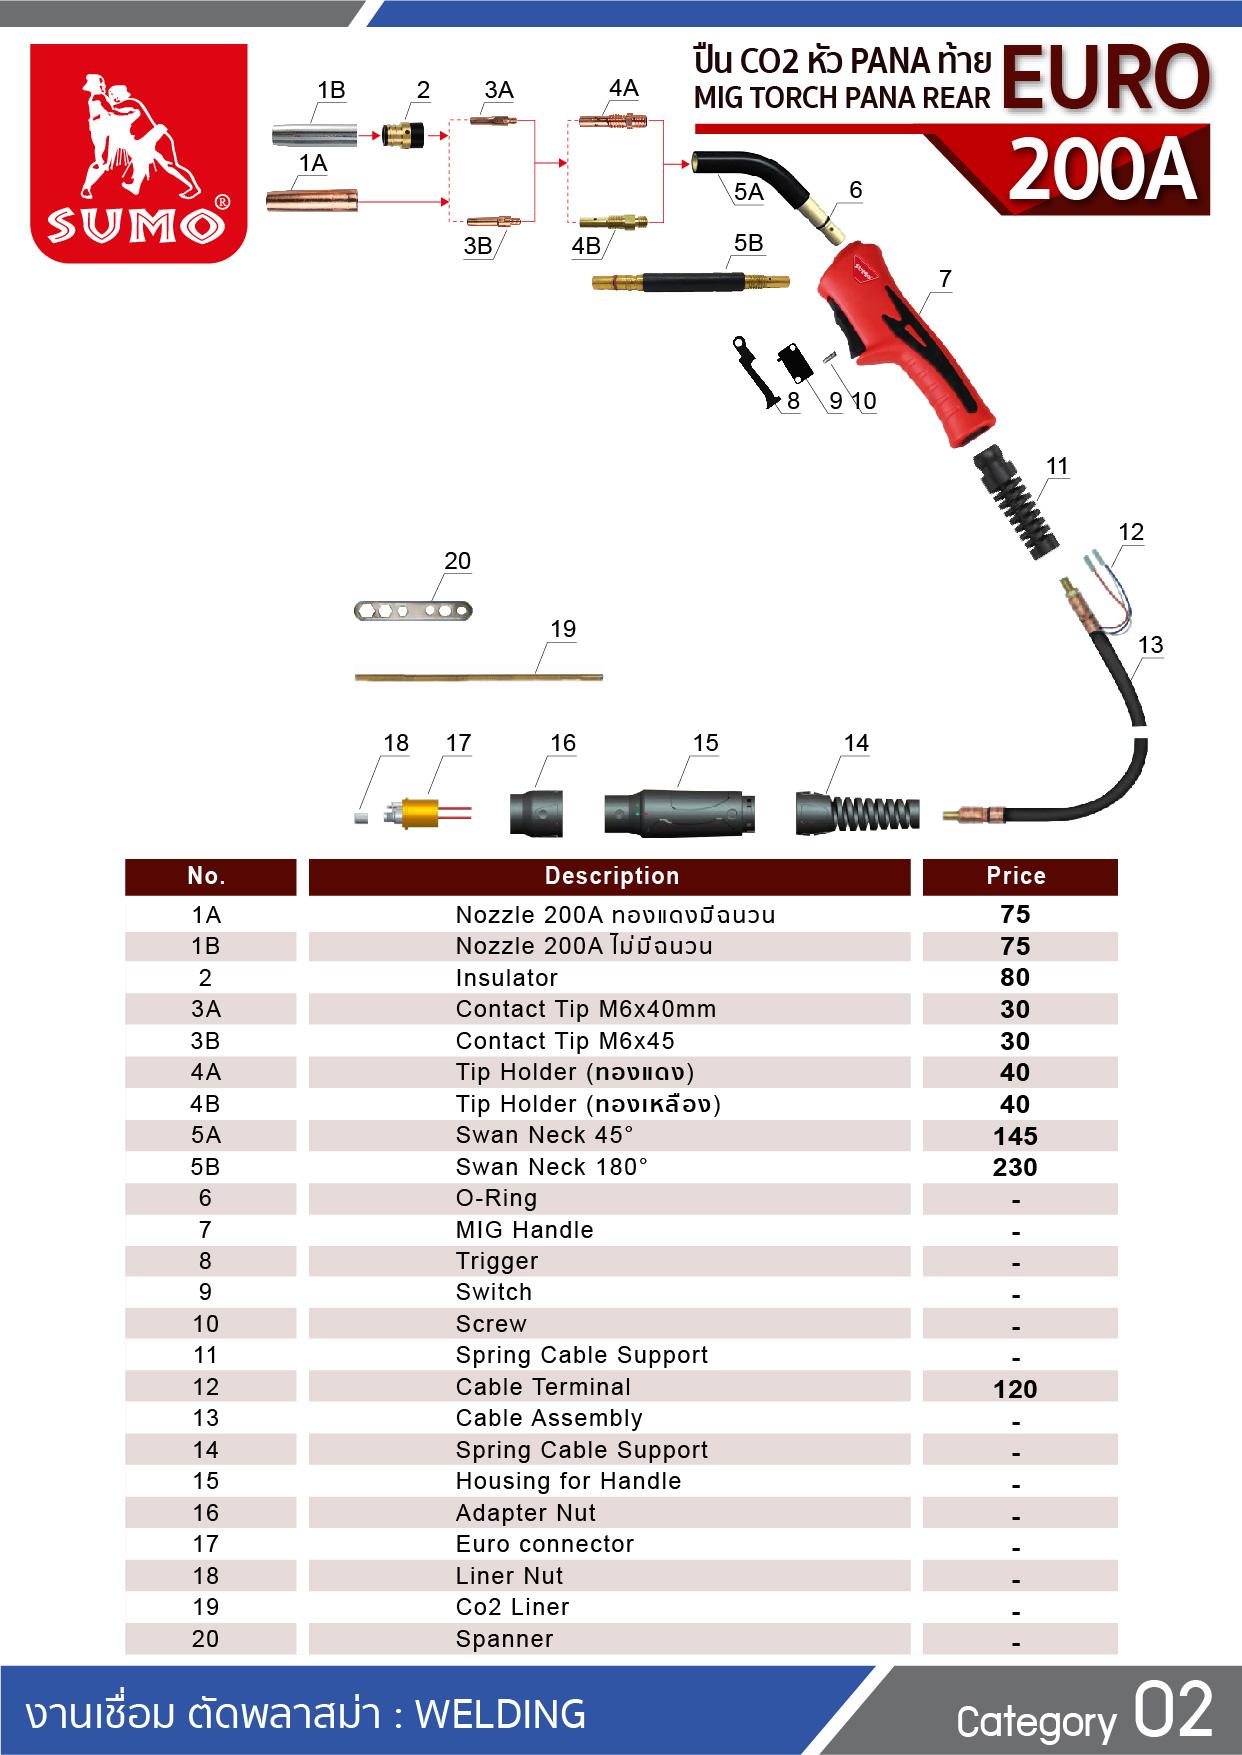 (34/277) ปืน CO2 PANA 200A EURO Tail